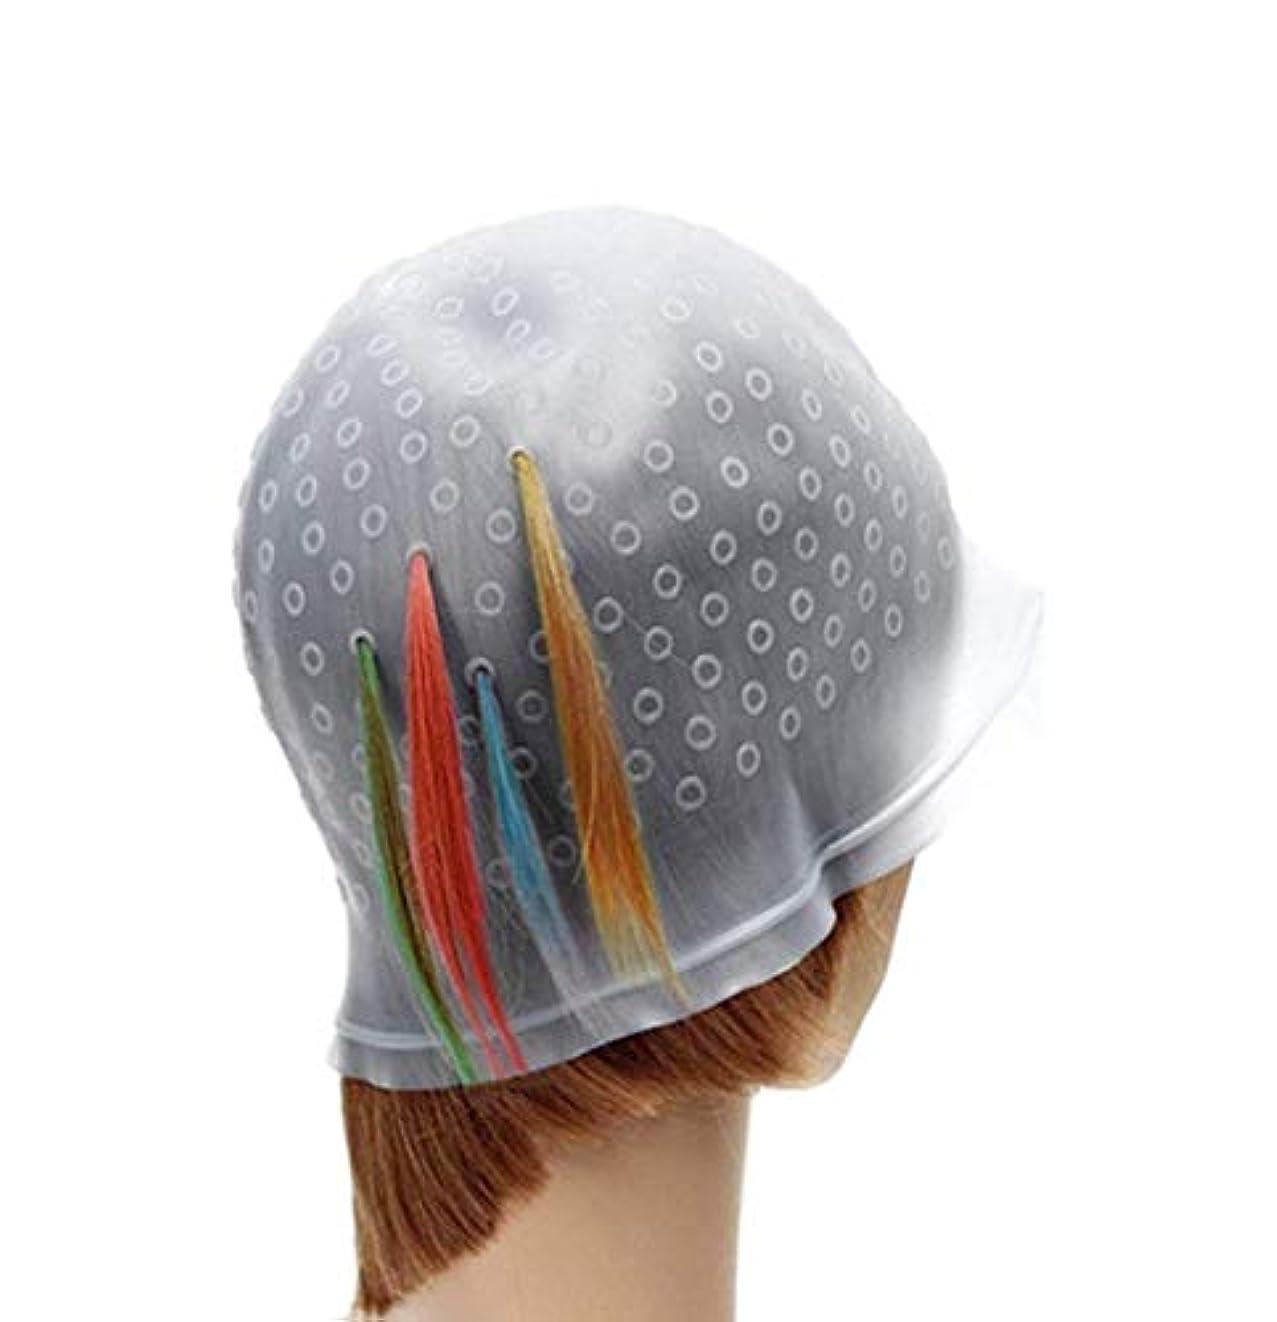 アーティスト味それFACAI 洗って使える 毛染め ヘアカラー メッシュ 用 シリコン ヘア キャップ 穴あけポンチ シリコン キャップ (透明)